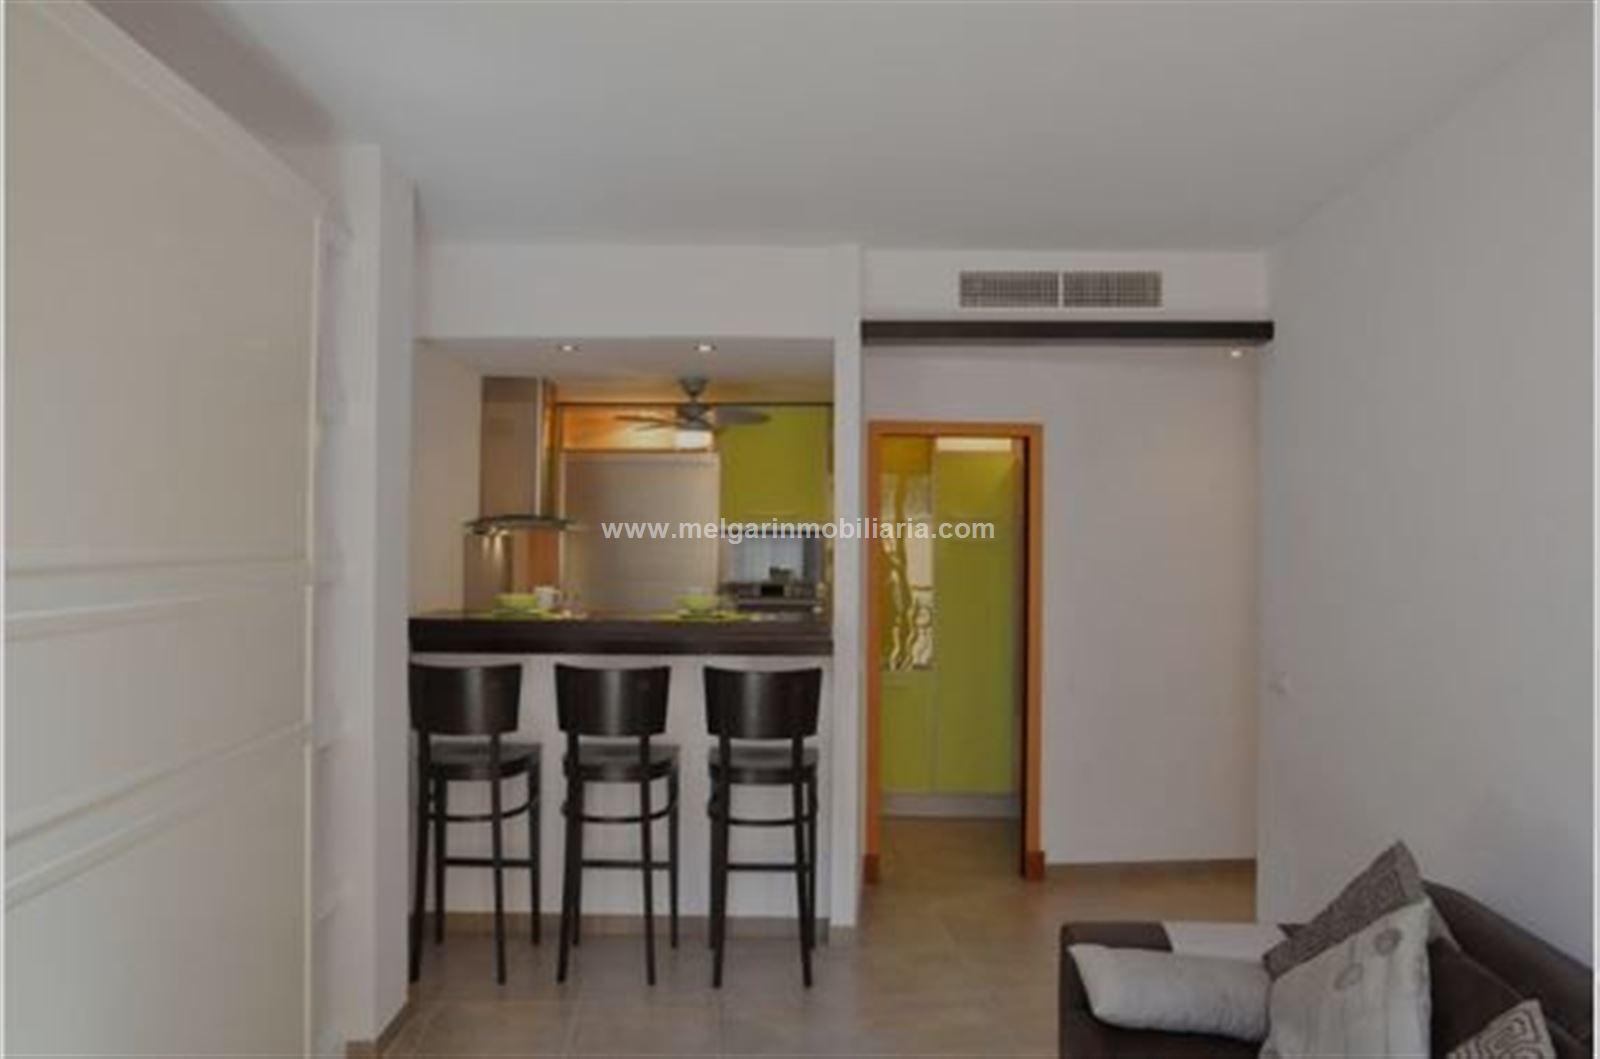 Alquiler Piso  Palma de mallorca - centro. Alquiler piso en el centro/ sindicato